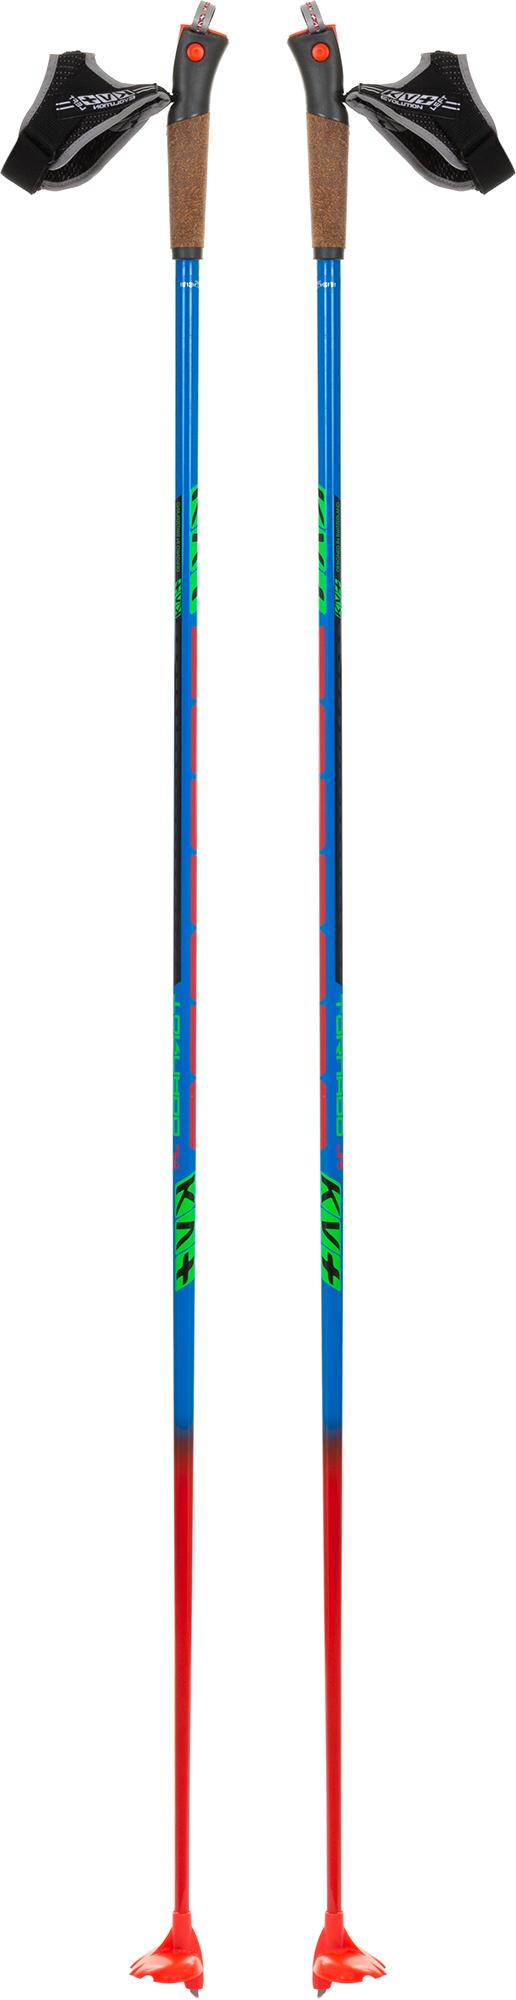 KV+ Палки для беговых лыж детские KV+ Tornado Jr, размер 150 цена